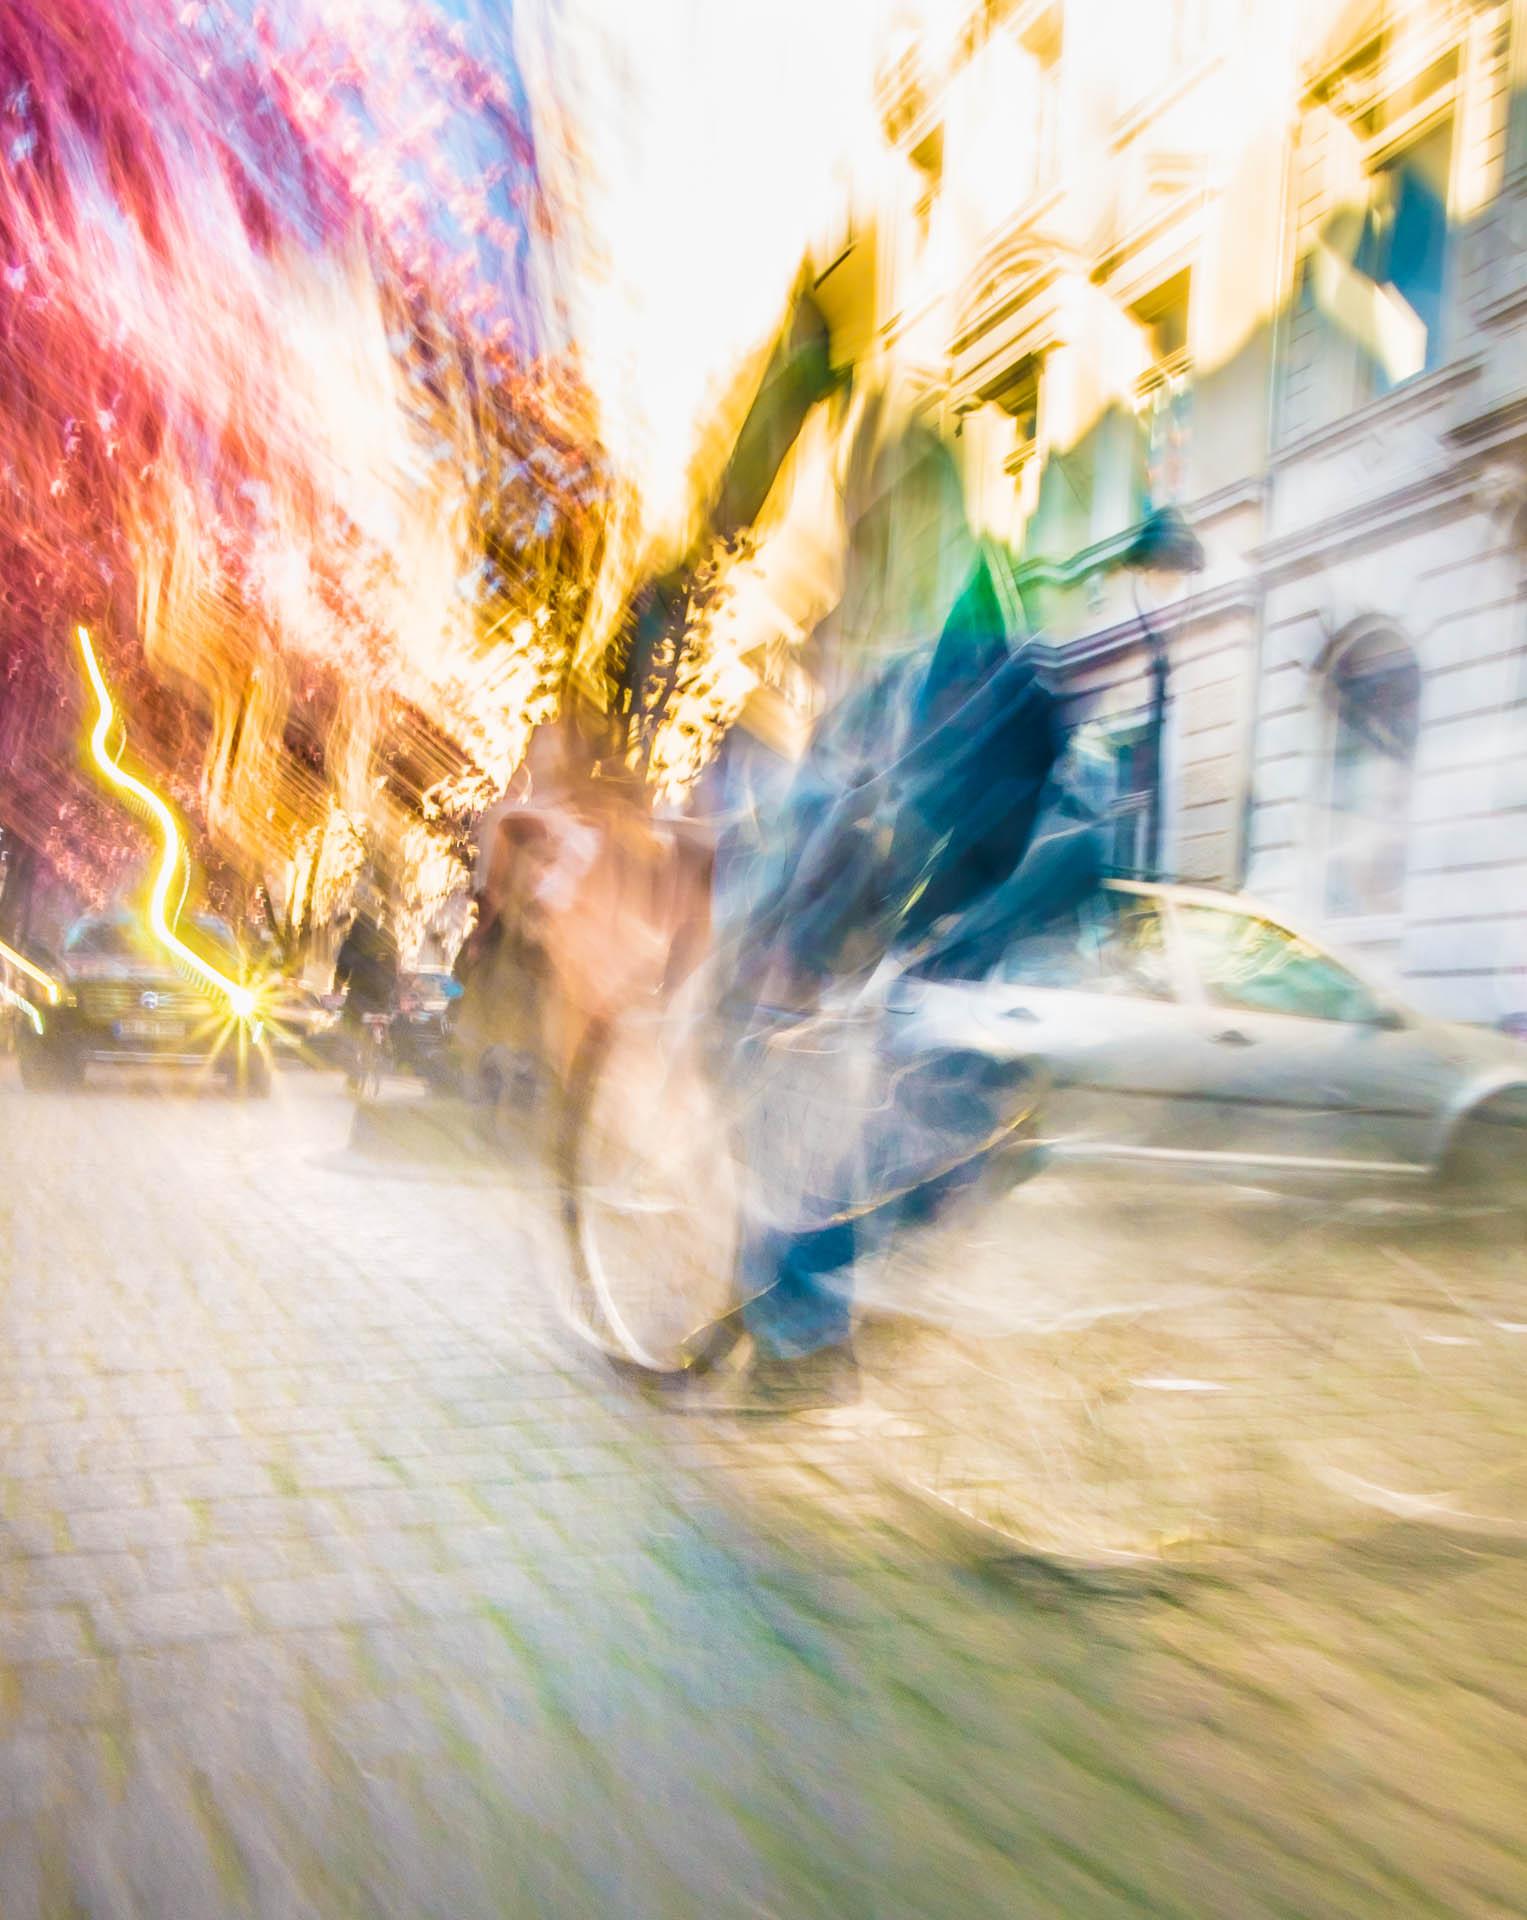 Bonn_Cherries_Movingscape-DSCF7375-Edit-2.jpg